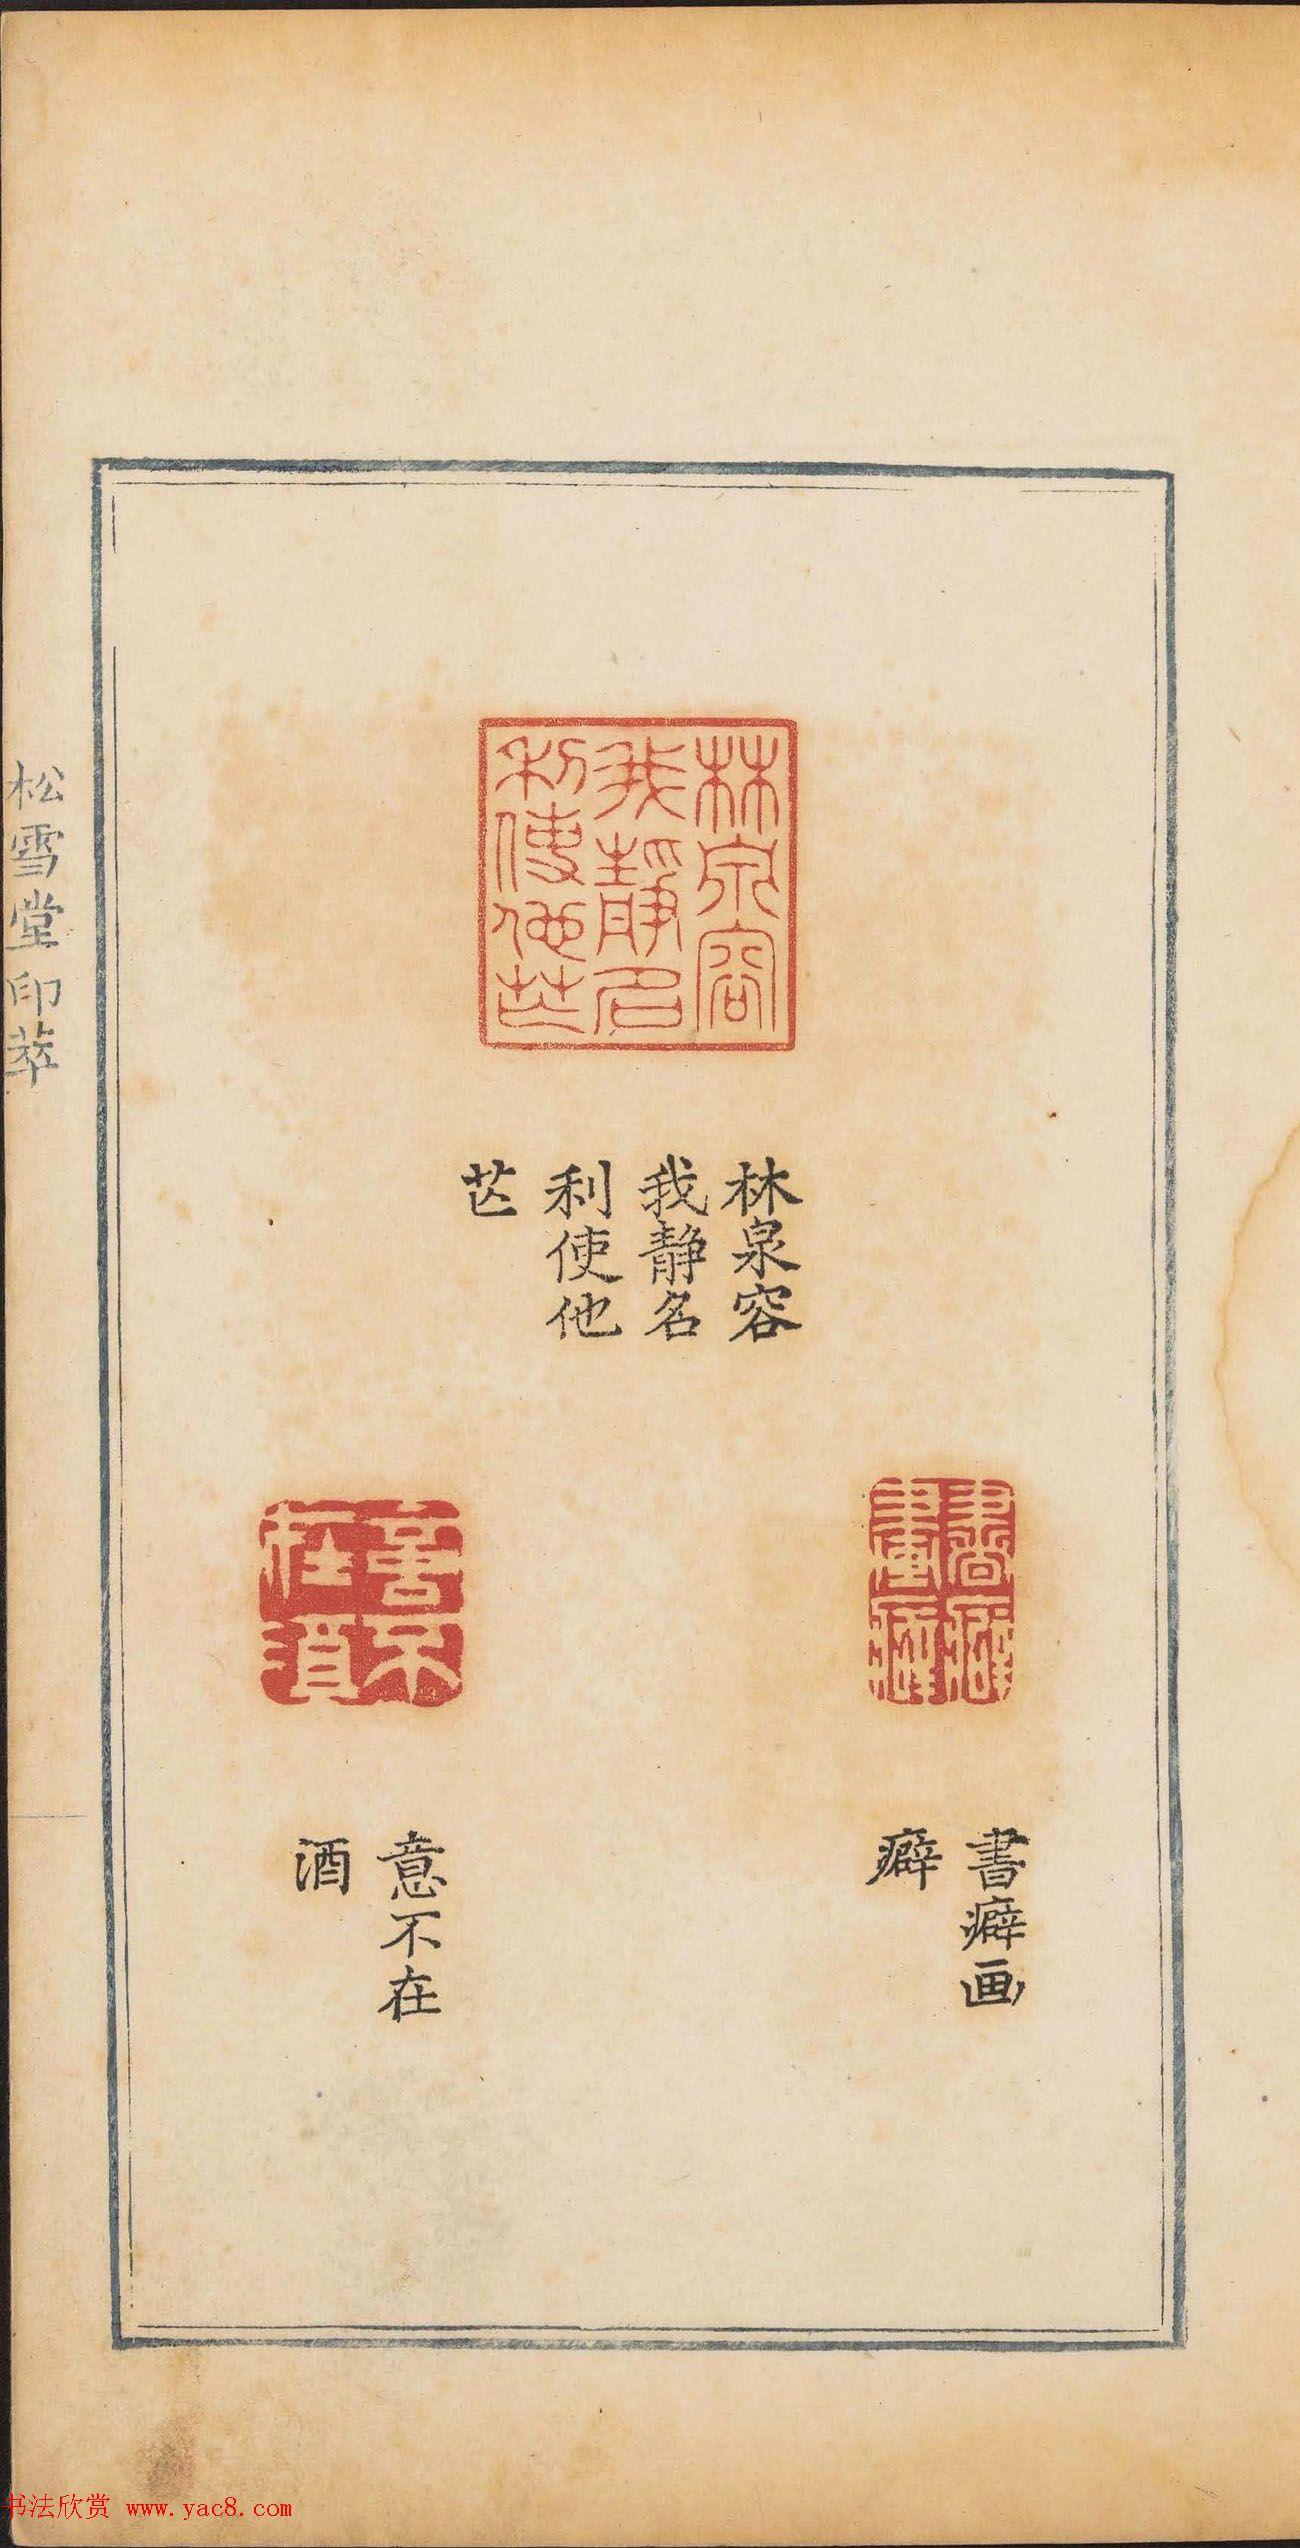 清乾隆时期钤印本《松雪堂印萃》第三册